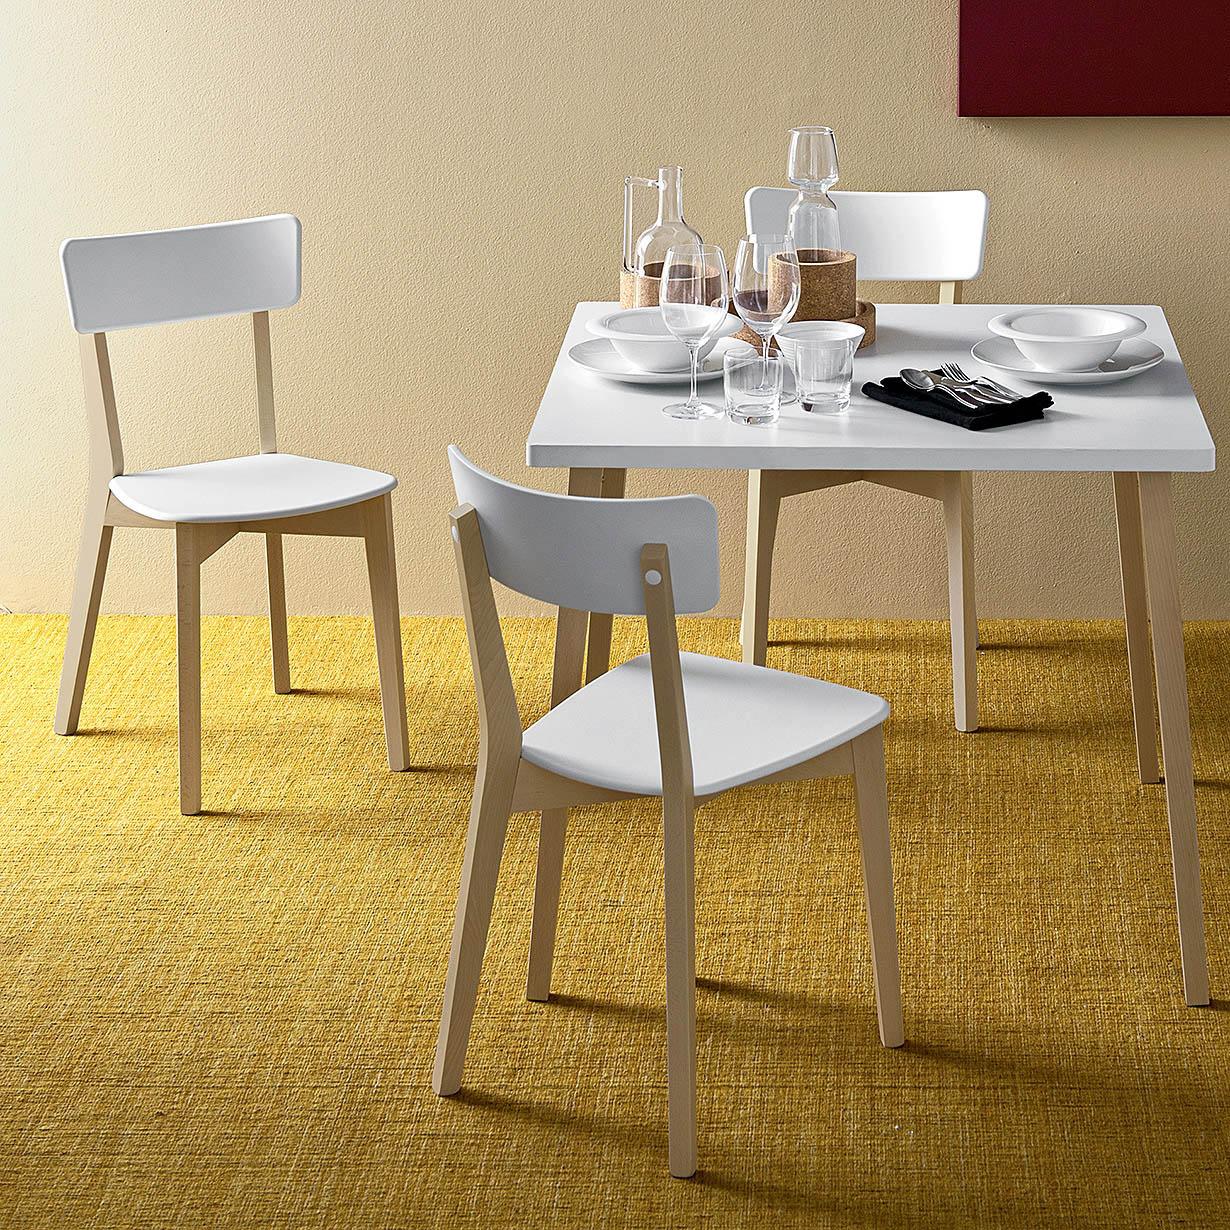 Pour Matelas Froliver Furniture1 Latex En OuXlwPZikT